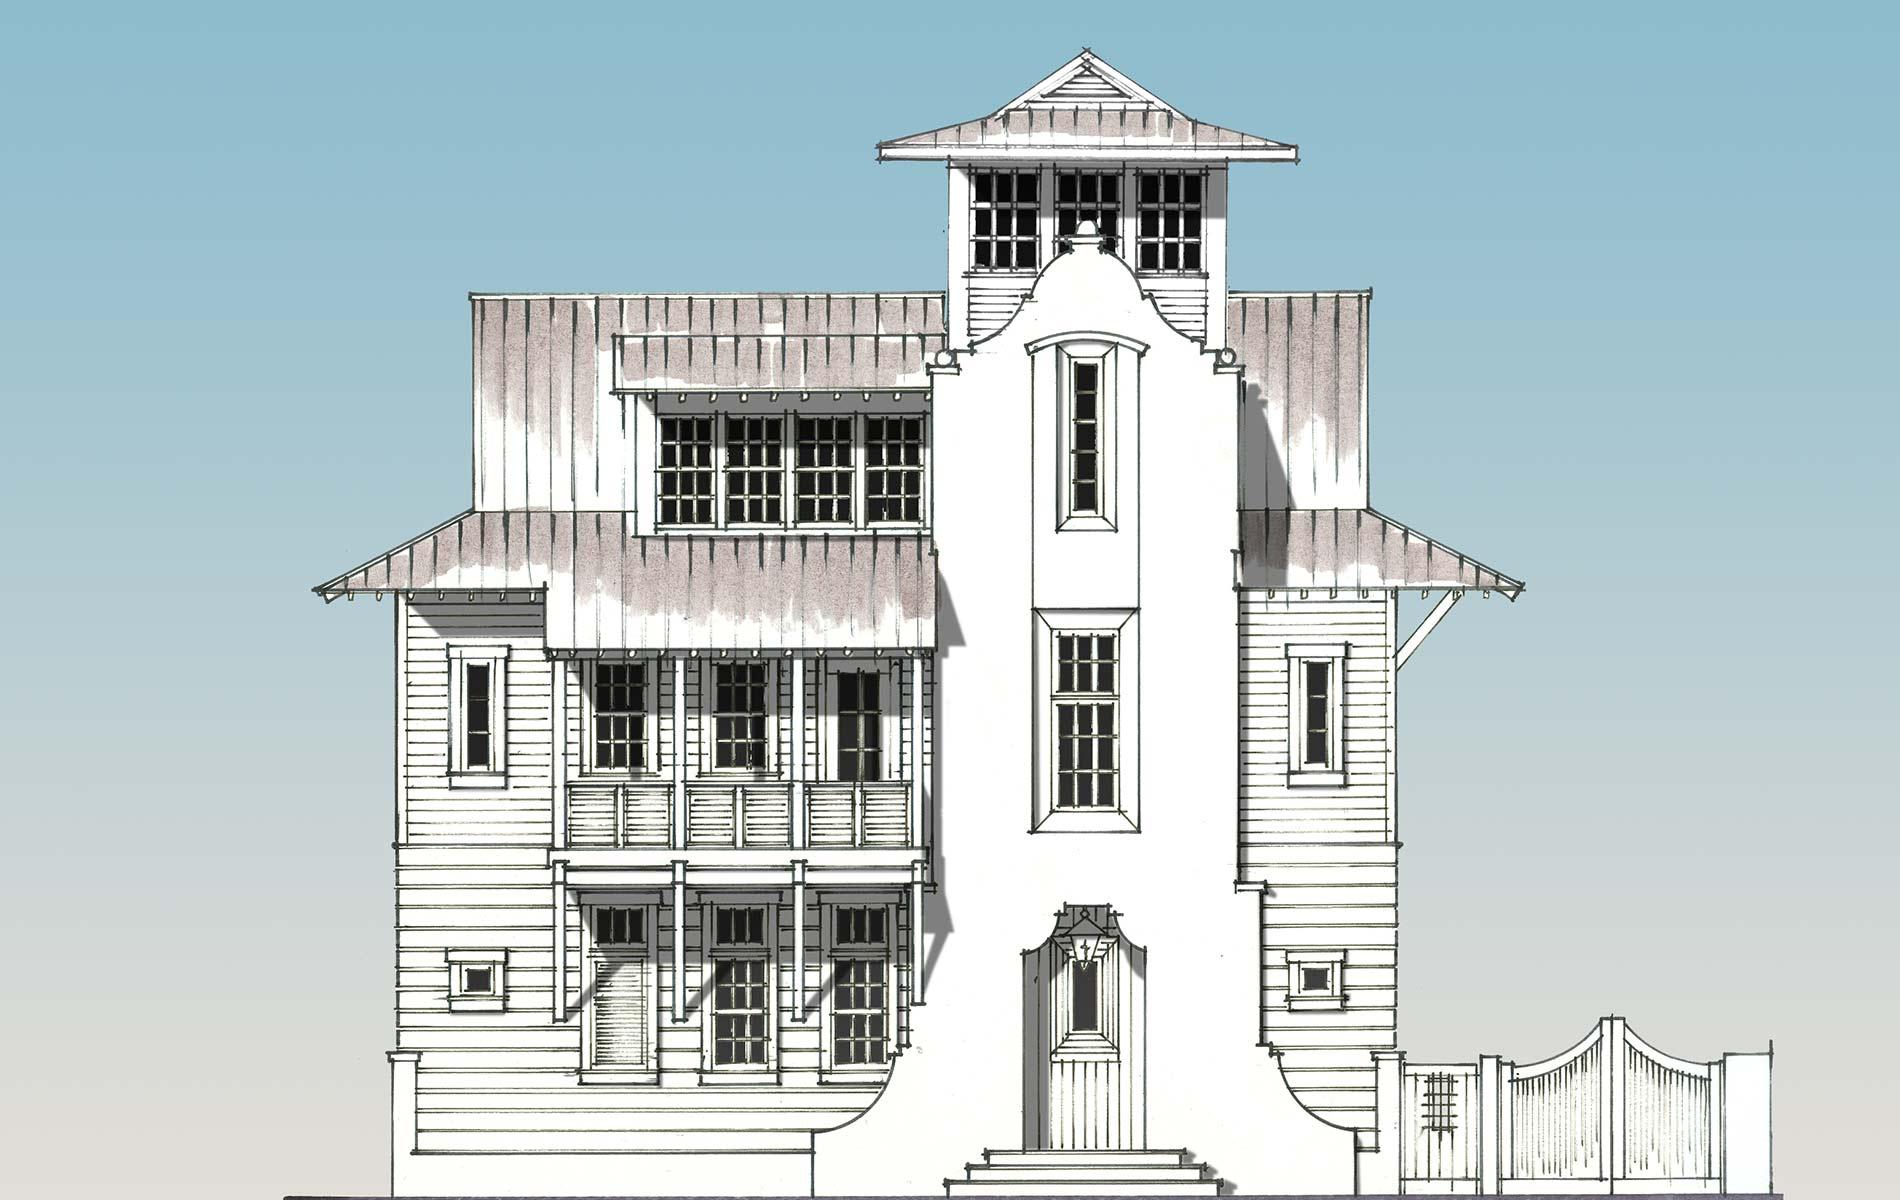 Sketching of custom Rosemary beach home